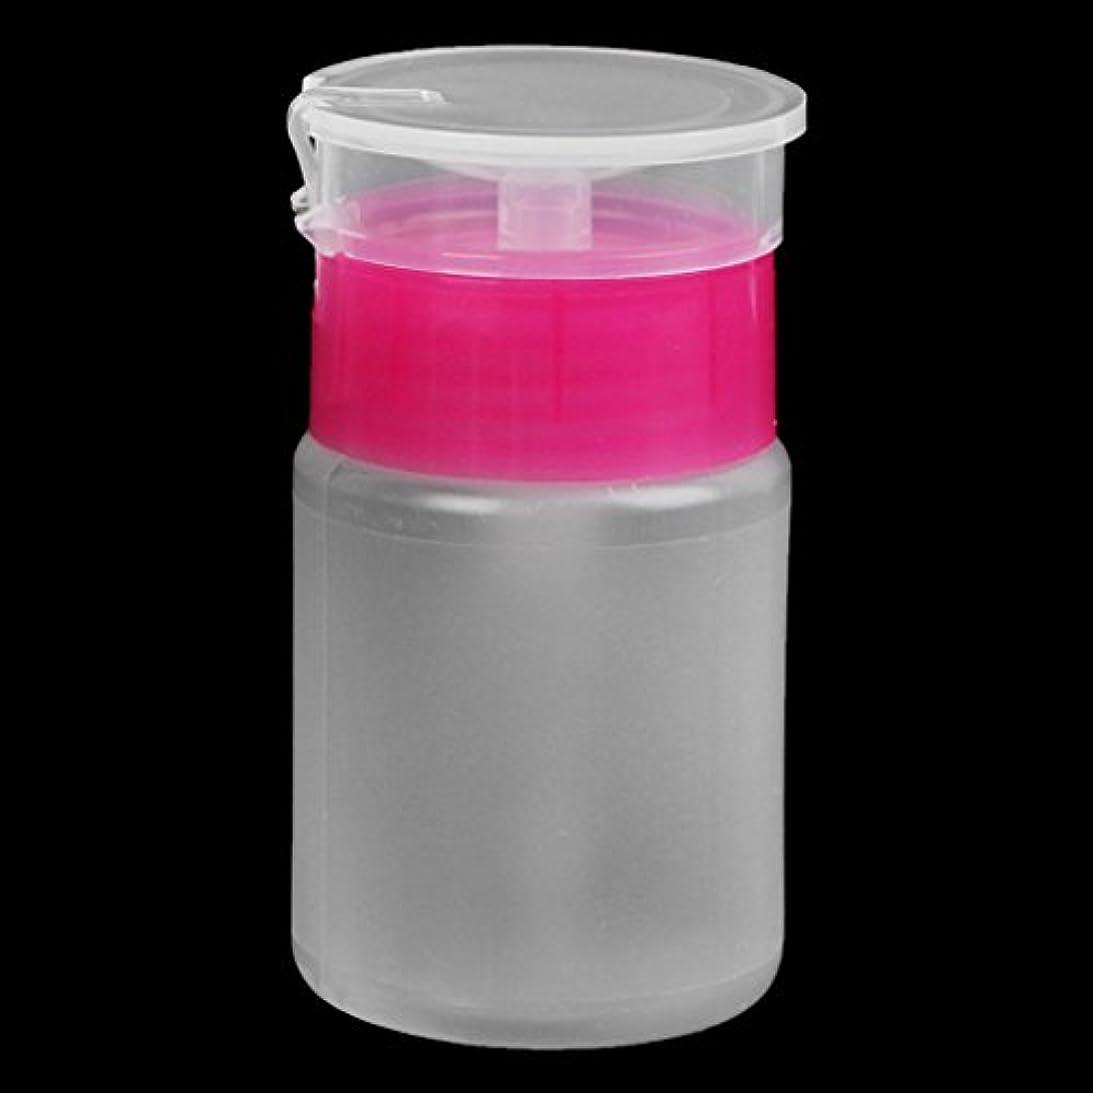 それによってメイエラパニックSimpleLife 70mlネイルアートクリア空のディスペンサークレンザーボトルマニキュアプレスボトル